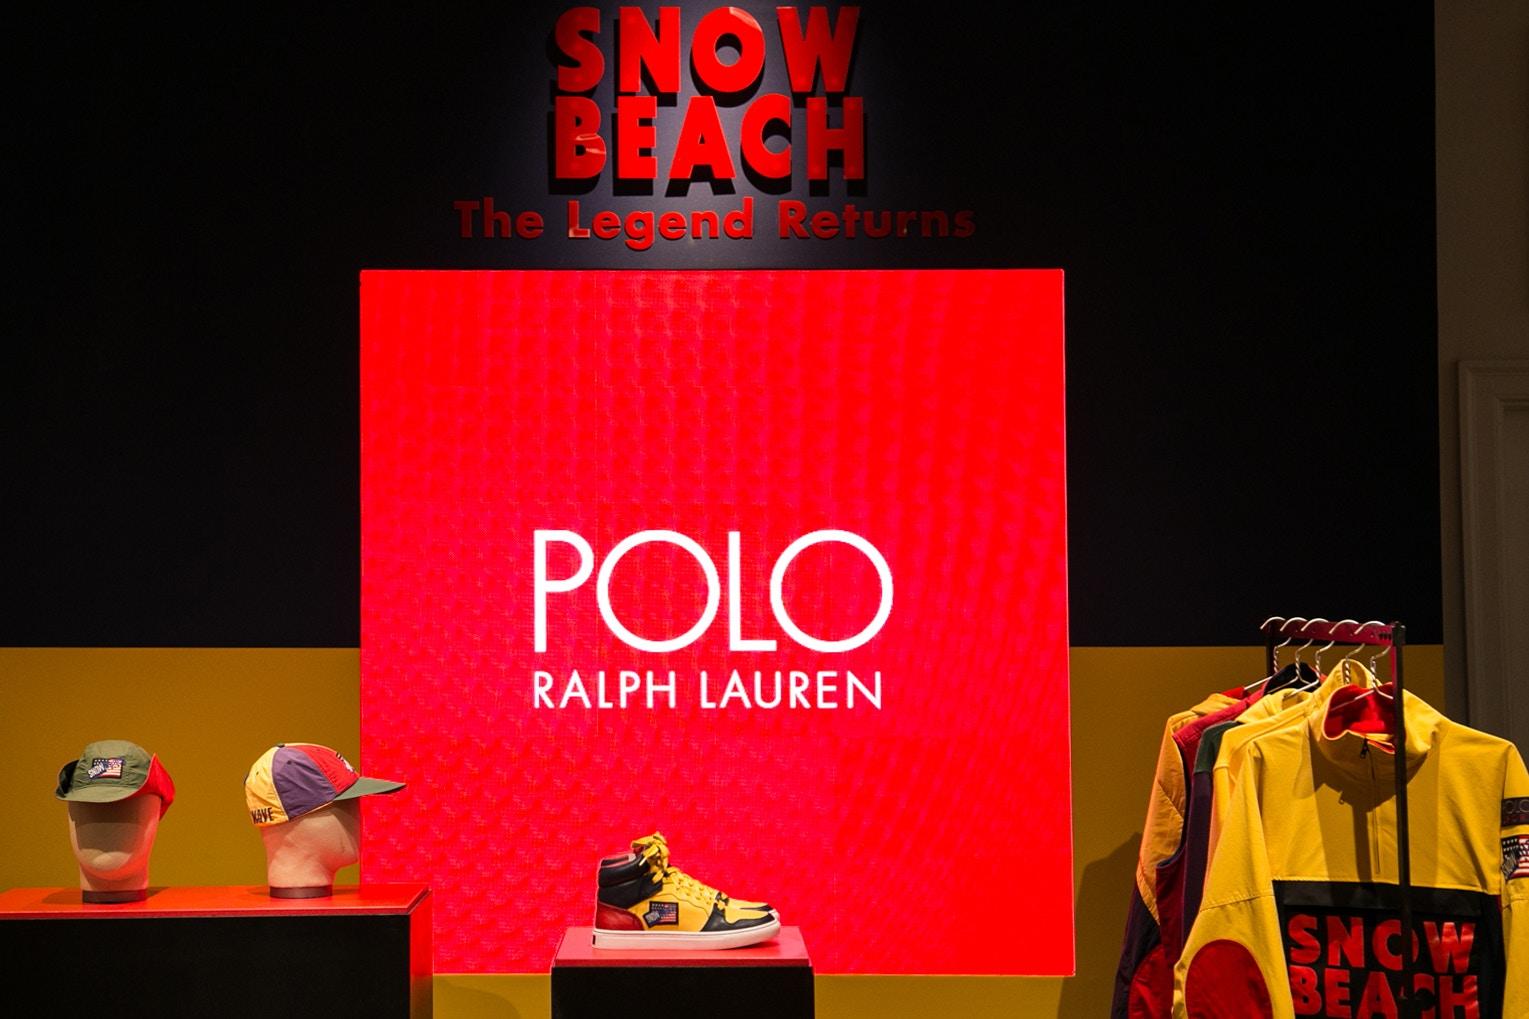 ralph-lauren-snowbeach-launch-selfridges-01.jpg